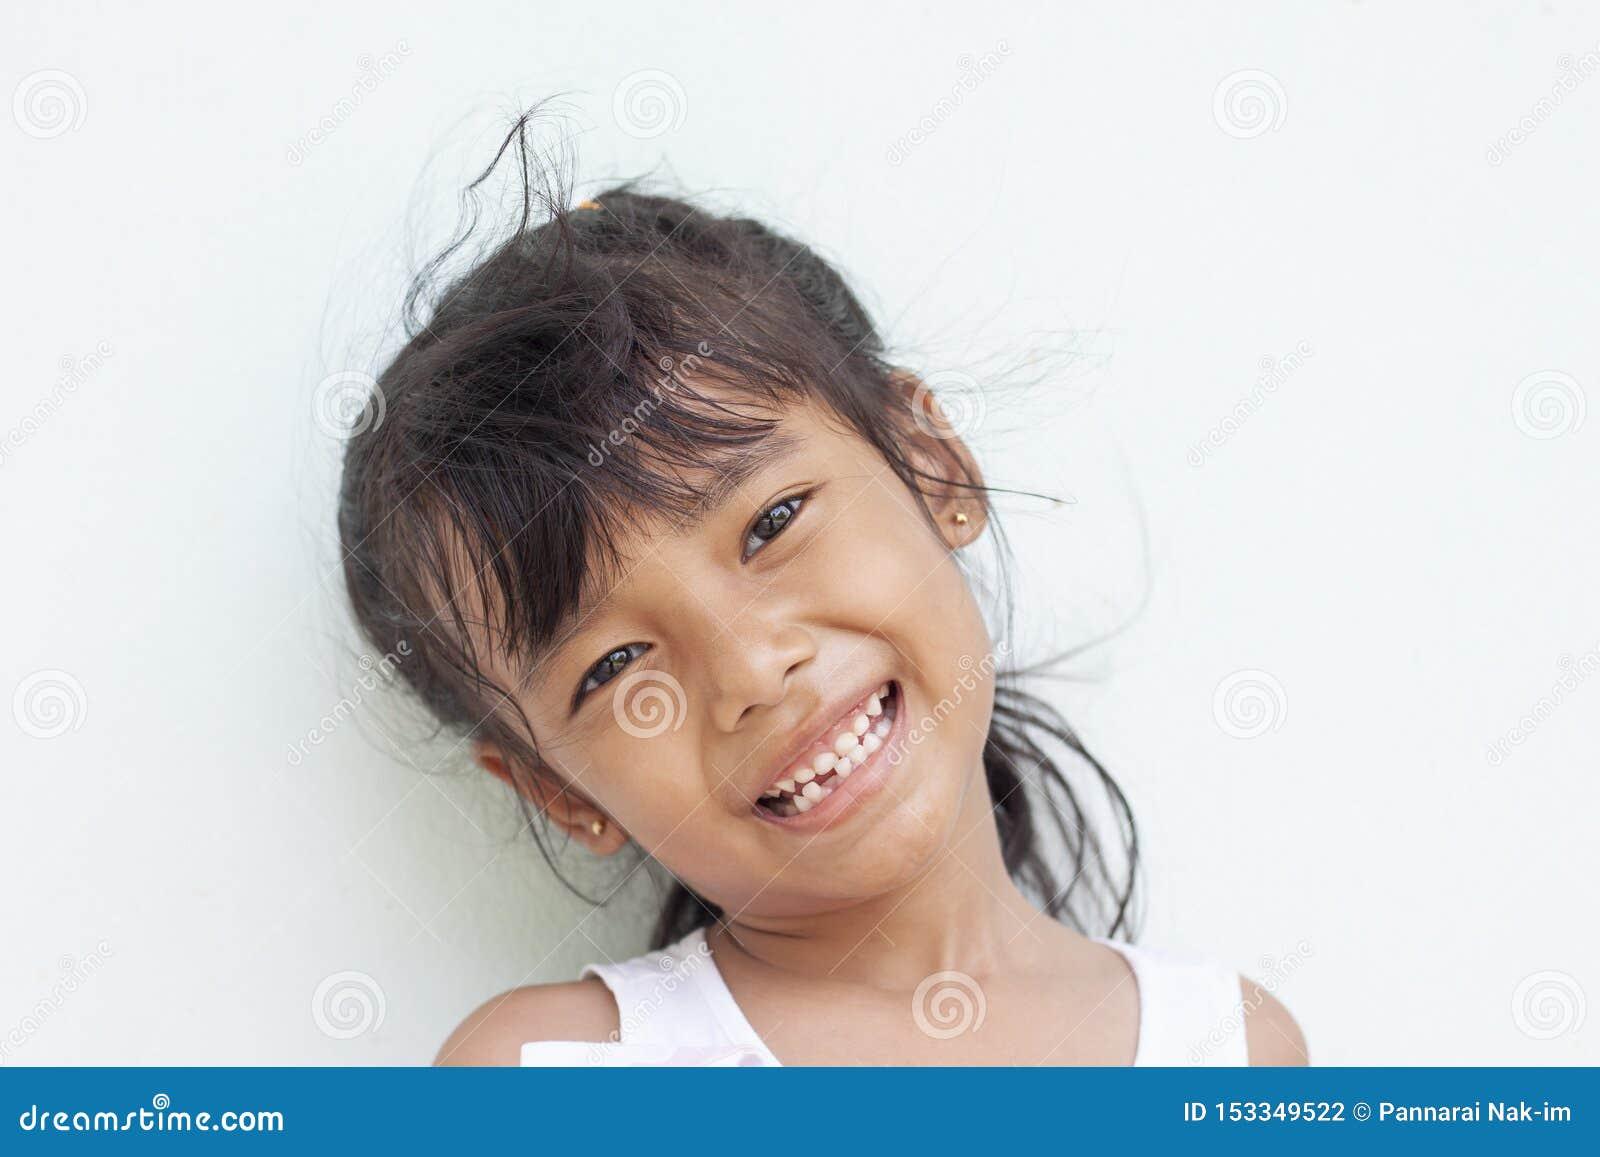 Χαμόγελο κοριτσιών που παρουσιάζει πρώτα μόνιμα δόντια